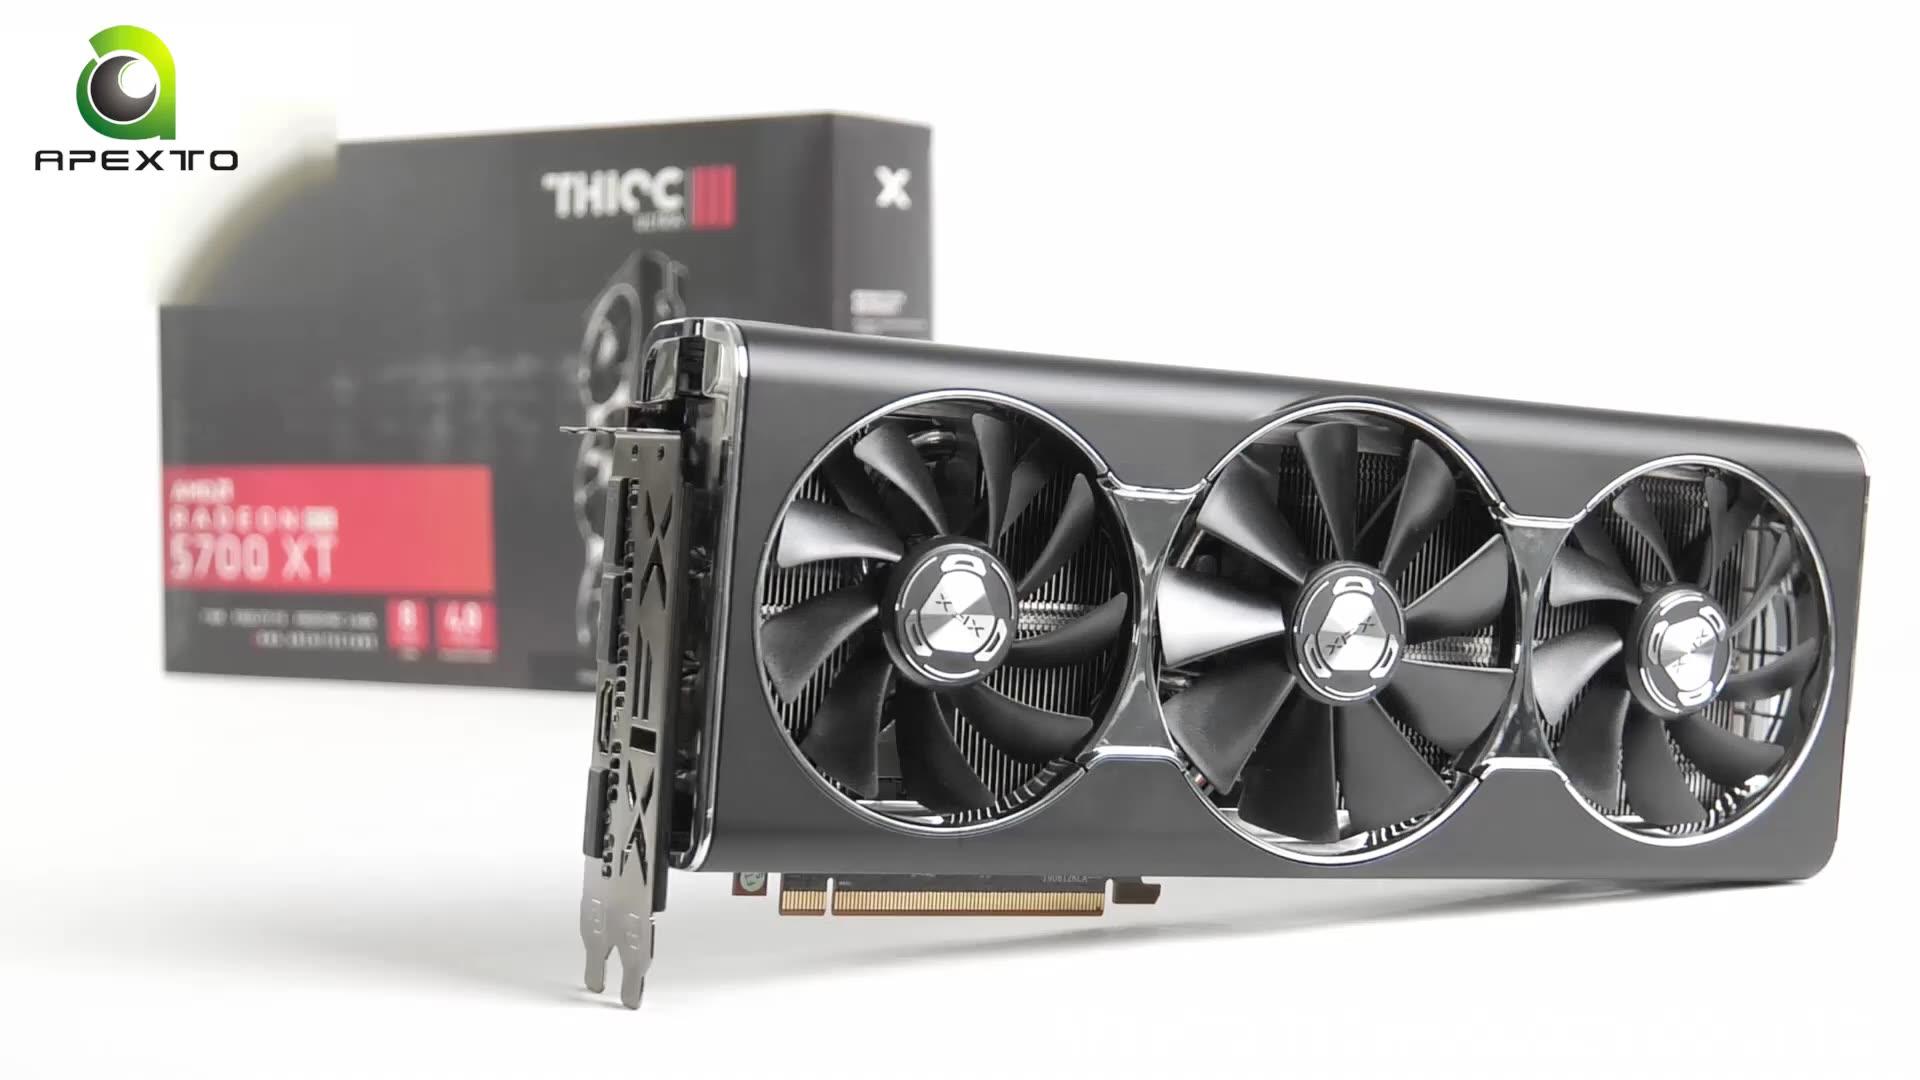 사파이어 Radeon 니트로 + RX 5700 8GB 그래픽 카드 RX 5700 비디오 카드